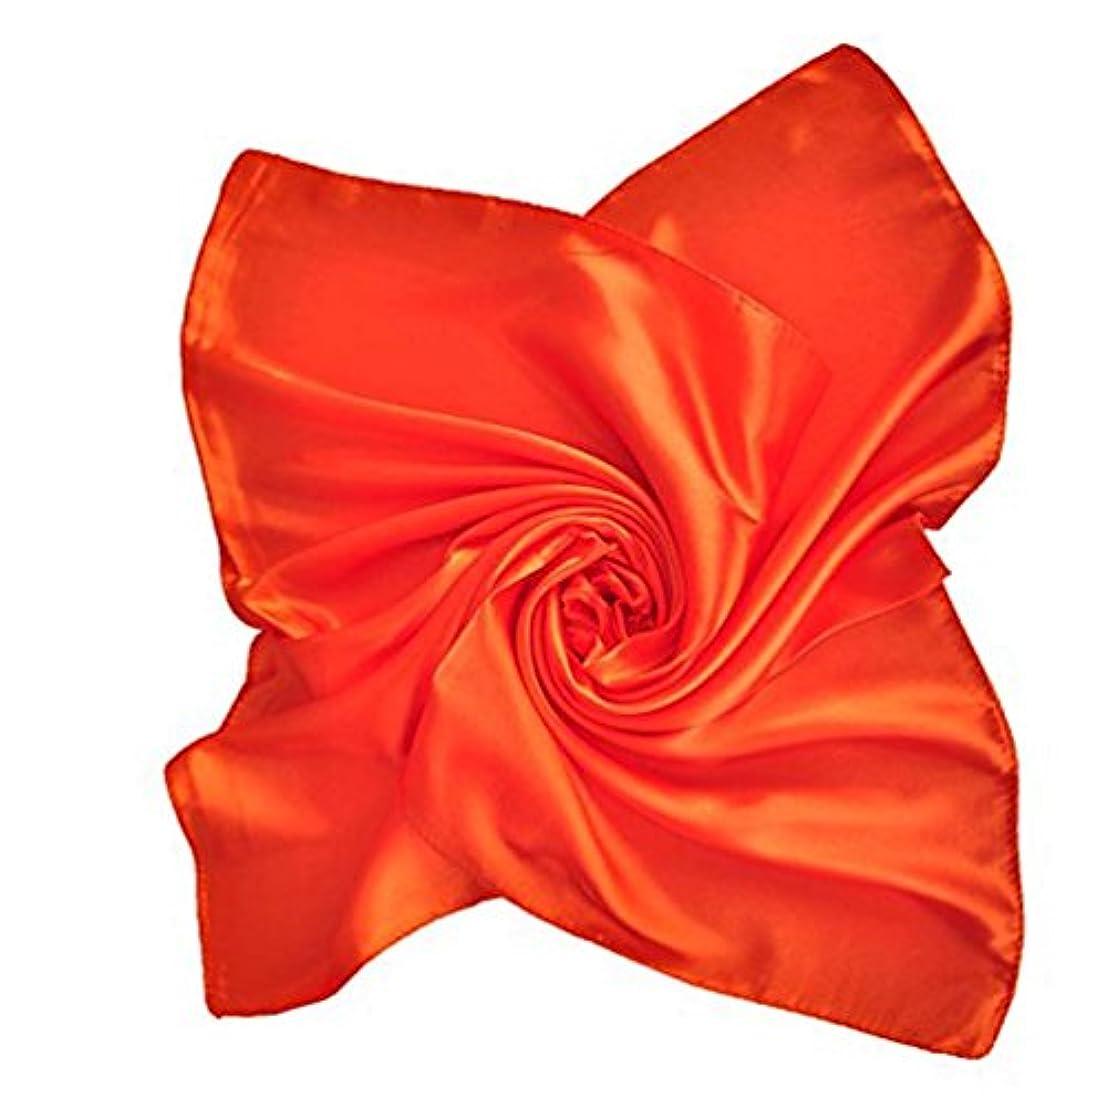 マイルストーン交渉する振る舞うエレガントシルク調 サテン 小判 スカーフ 春夏 企業制服用 マフラー 全22色